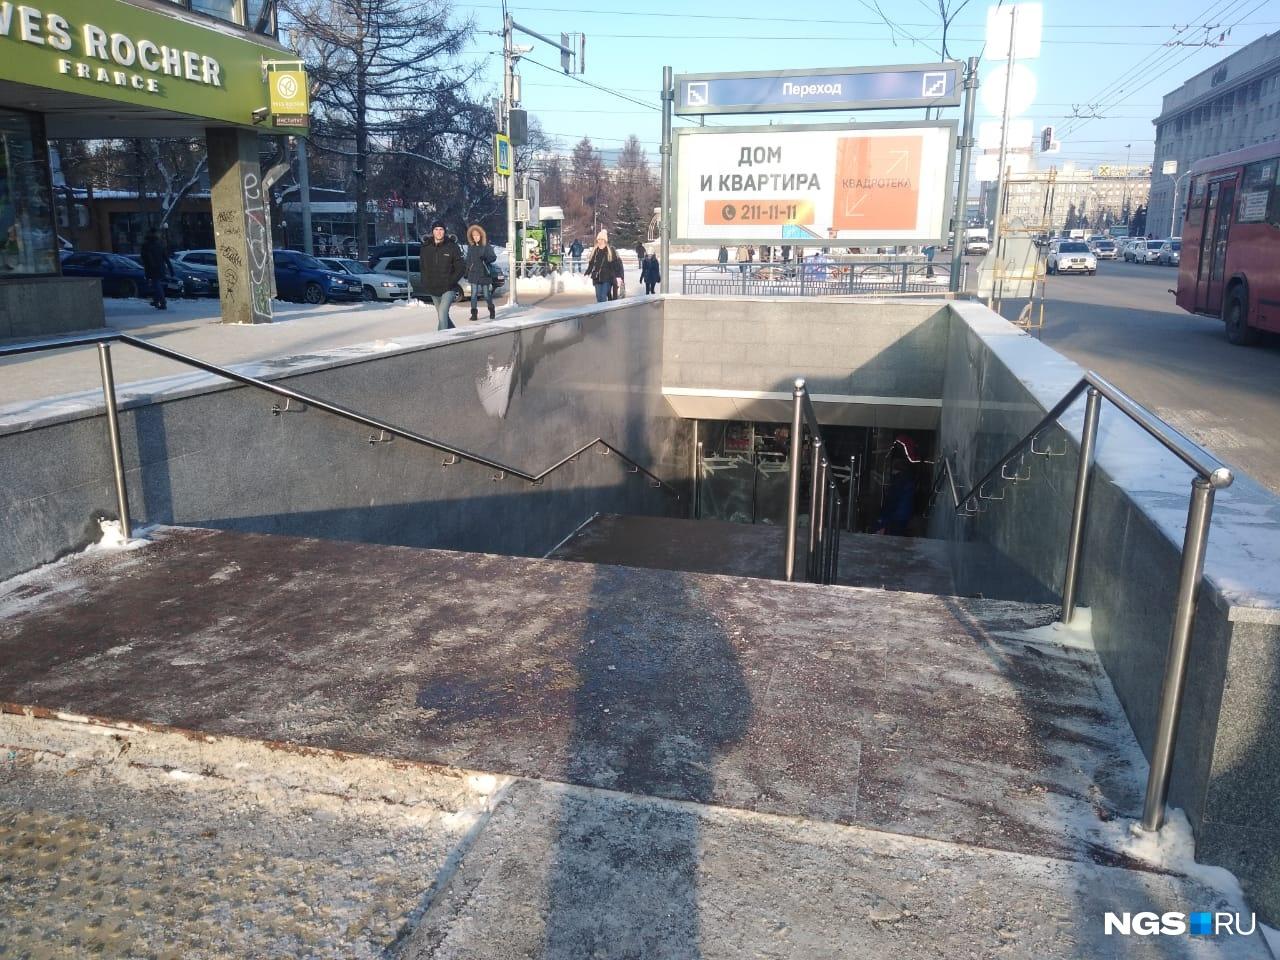 Переход со стороны дома по адресу Красный проспект, 17 открыли после ремонта